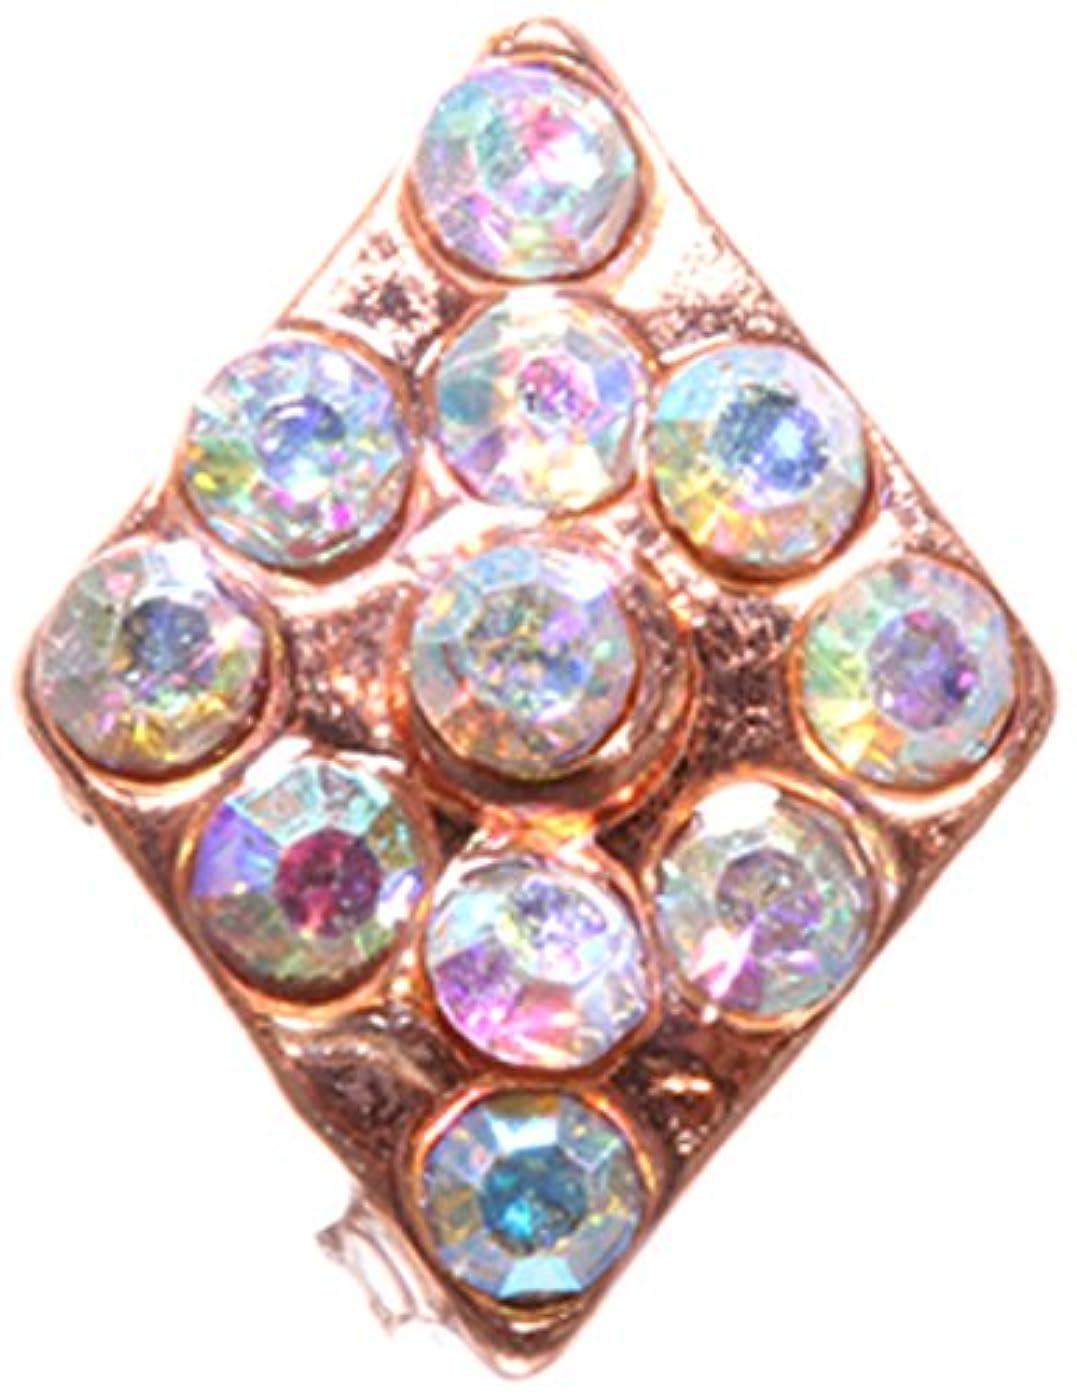 軽蔑するボーダー廃止ダイヤ オーロラ(各2個) ピンクゴールド